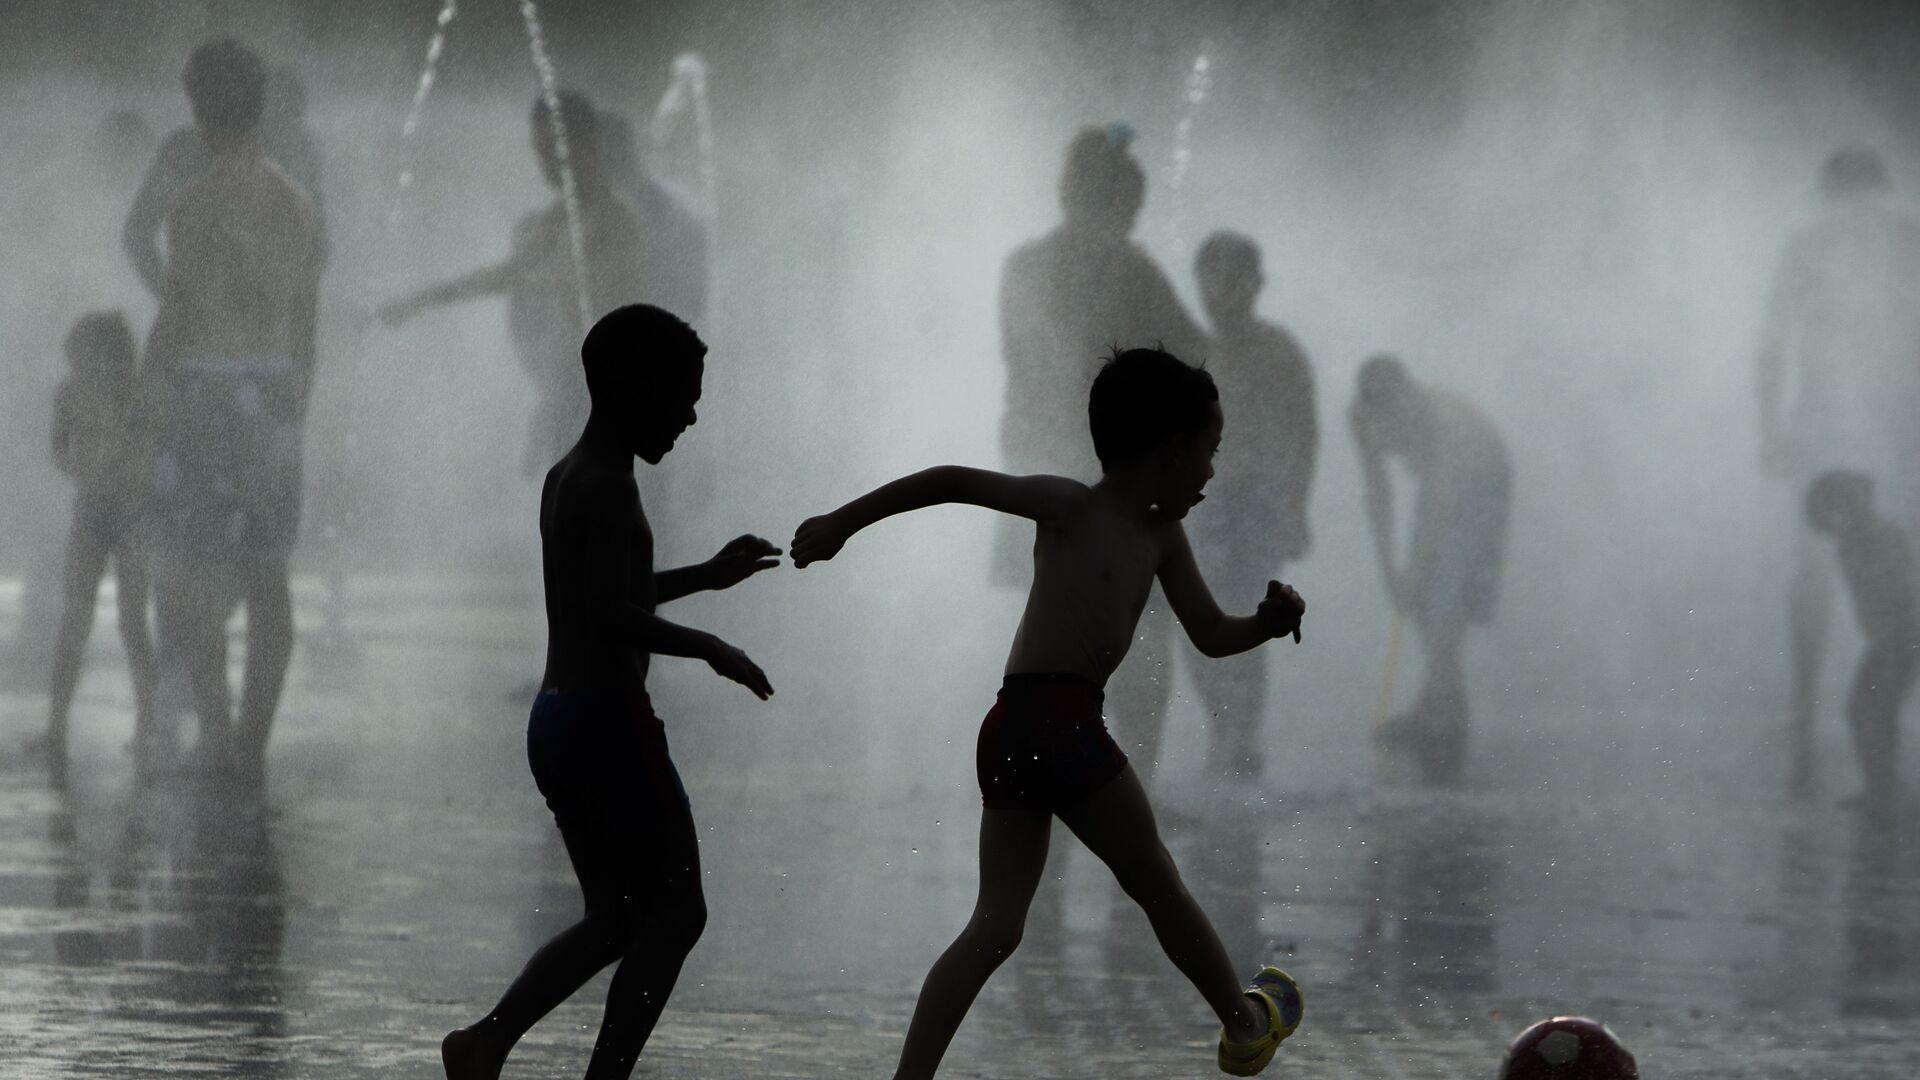 Dzieci grają w piłkę koło fontanny, Madryt, Hiszpania - Sputnik Polska, 1920, 17.07.2021